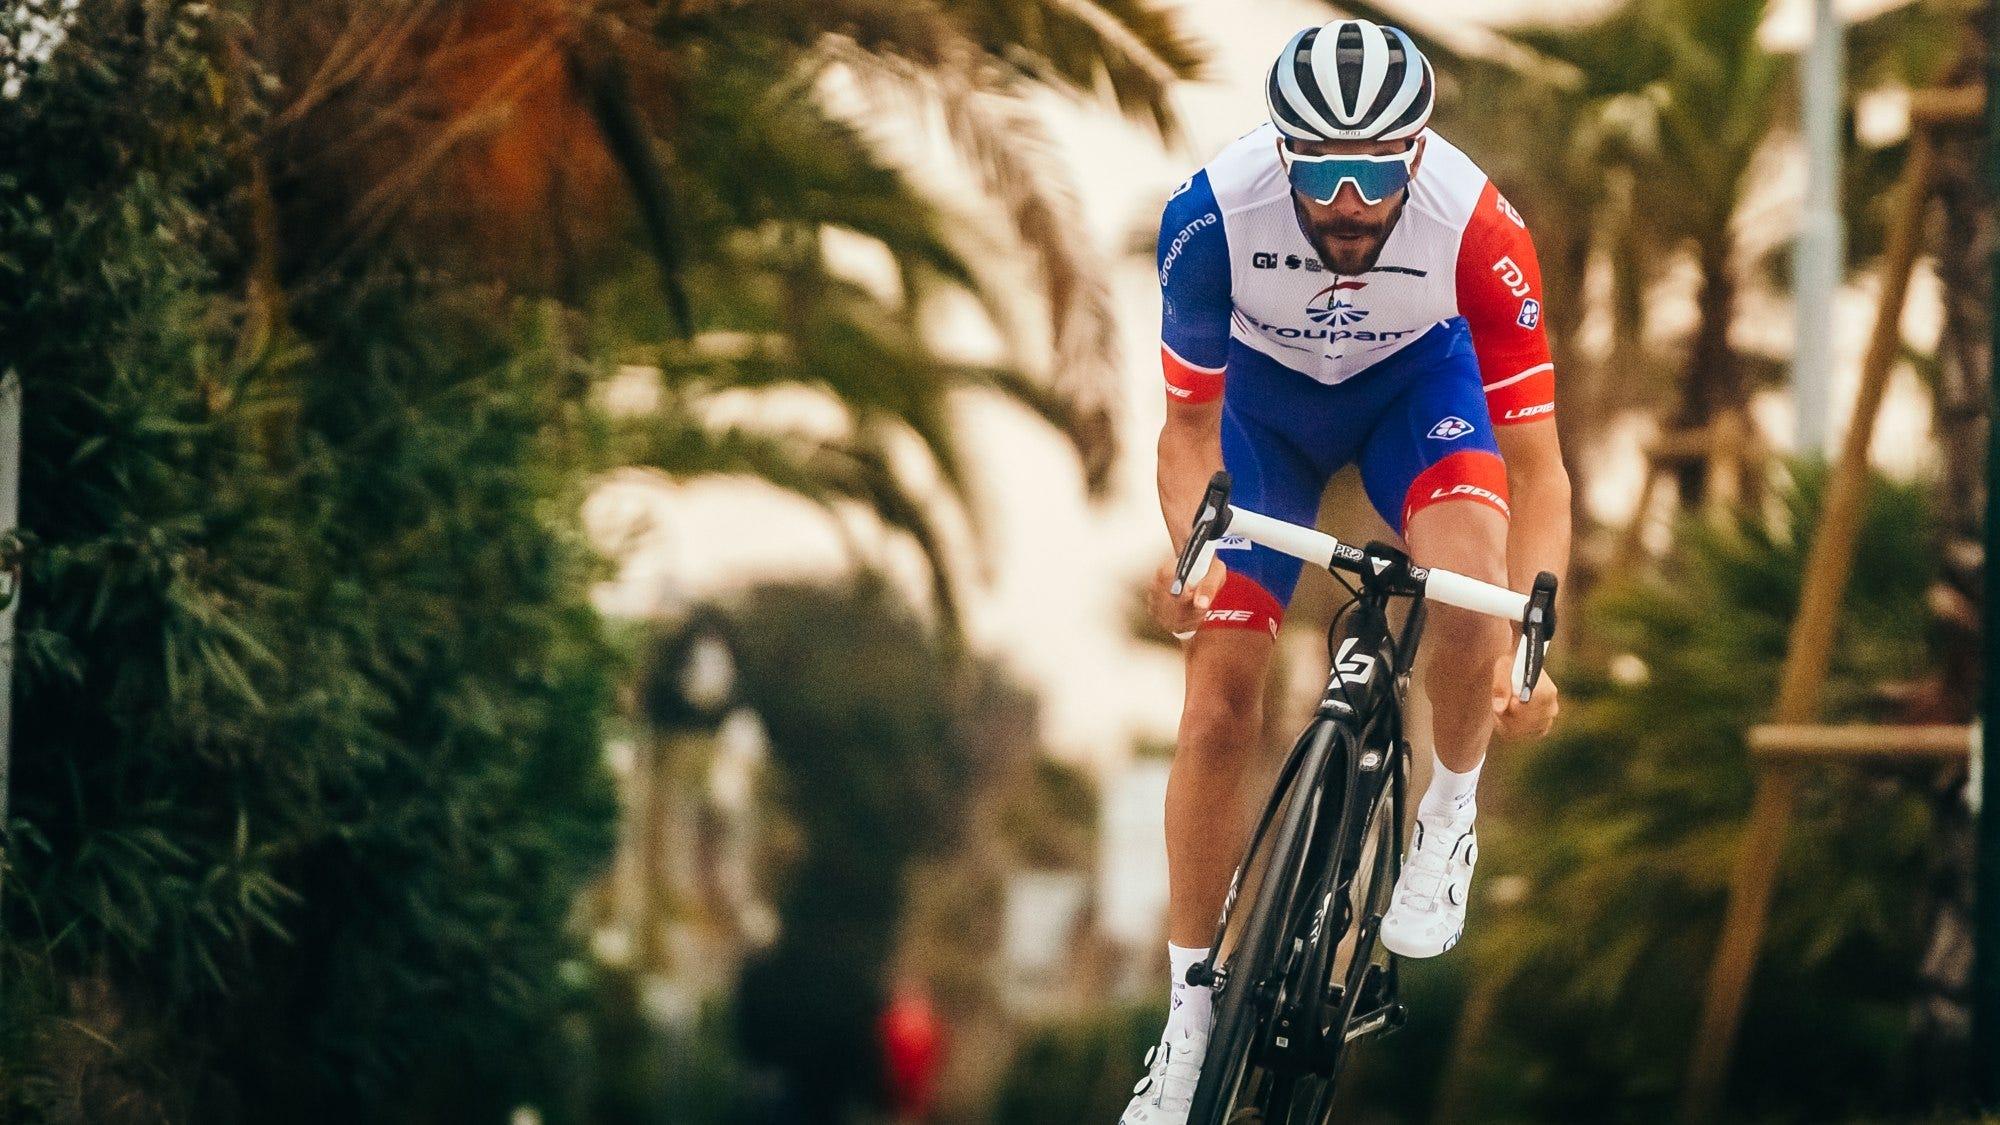 Freewheel brands at the Tour de France